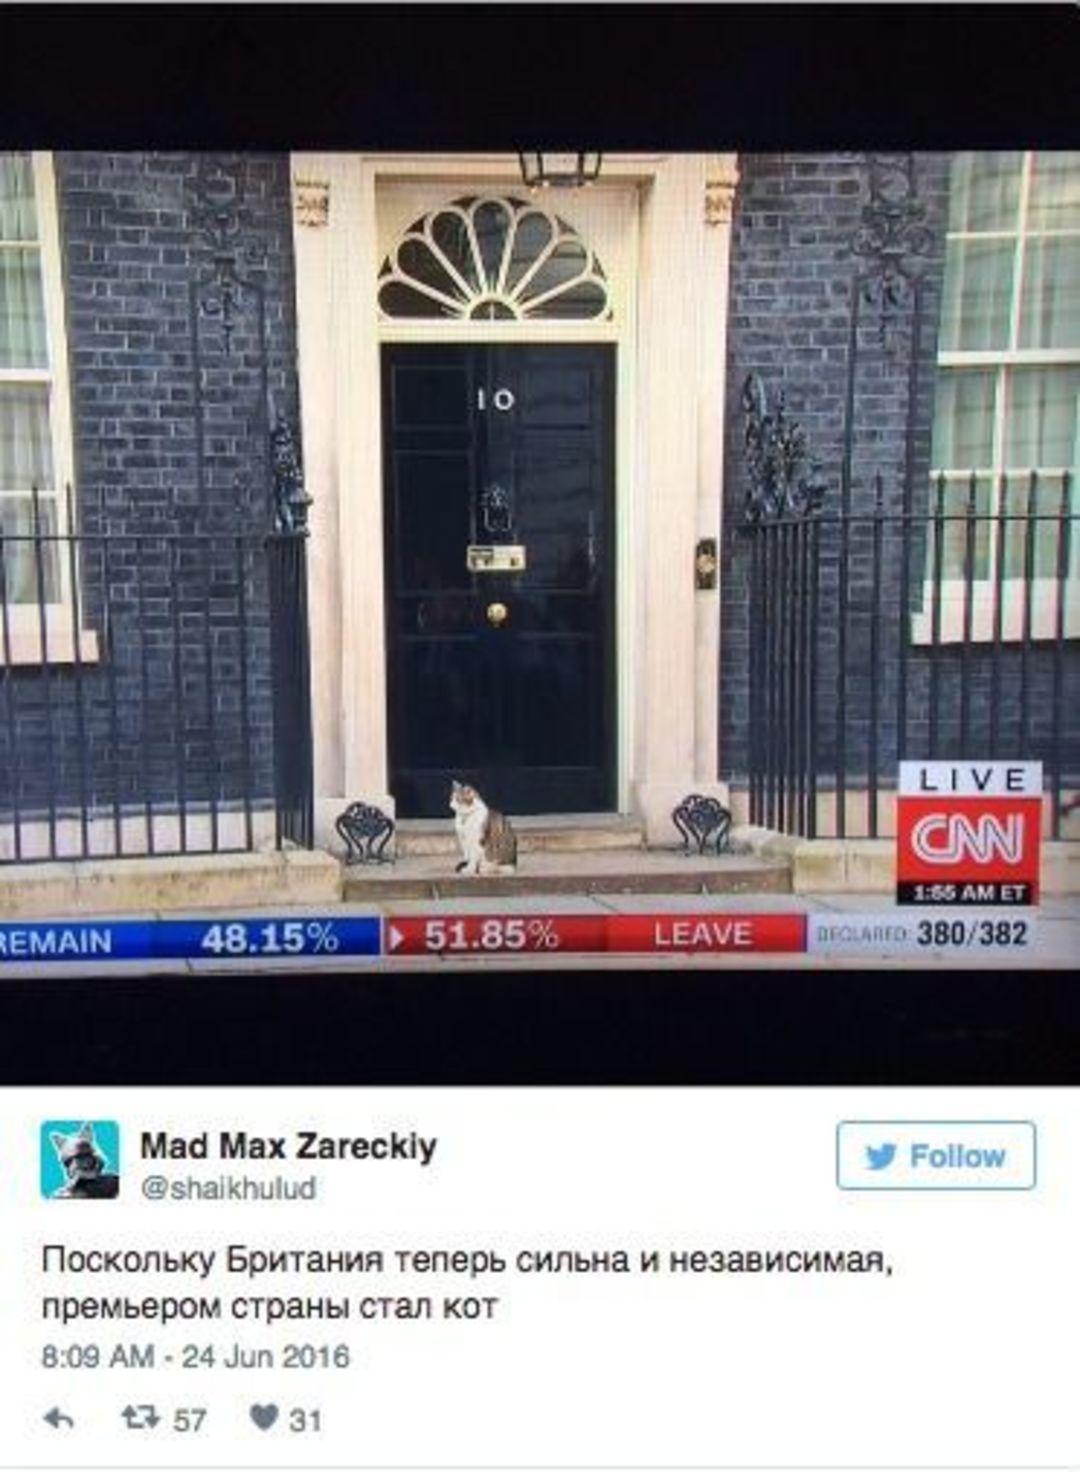 「这世界」英国脱欧投票后,全世界人民都给它编了段子_文化_好奇心日报